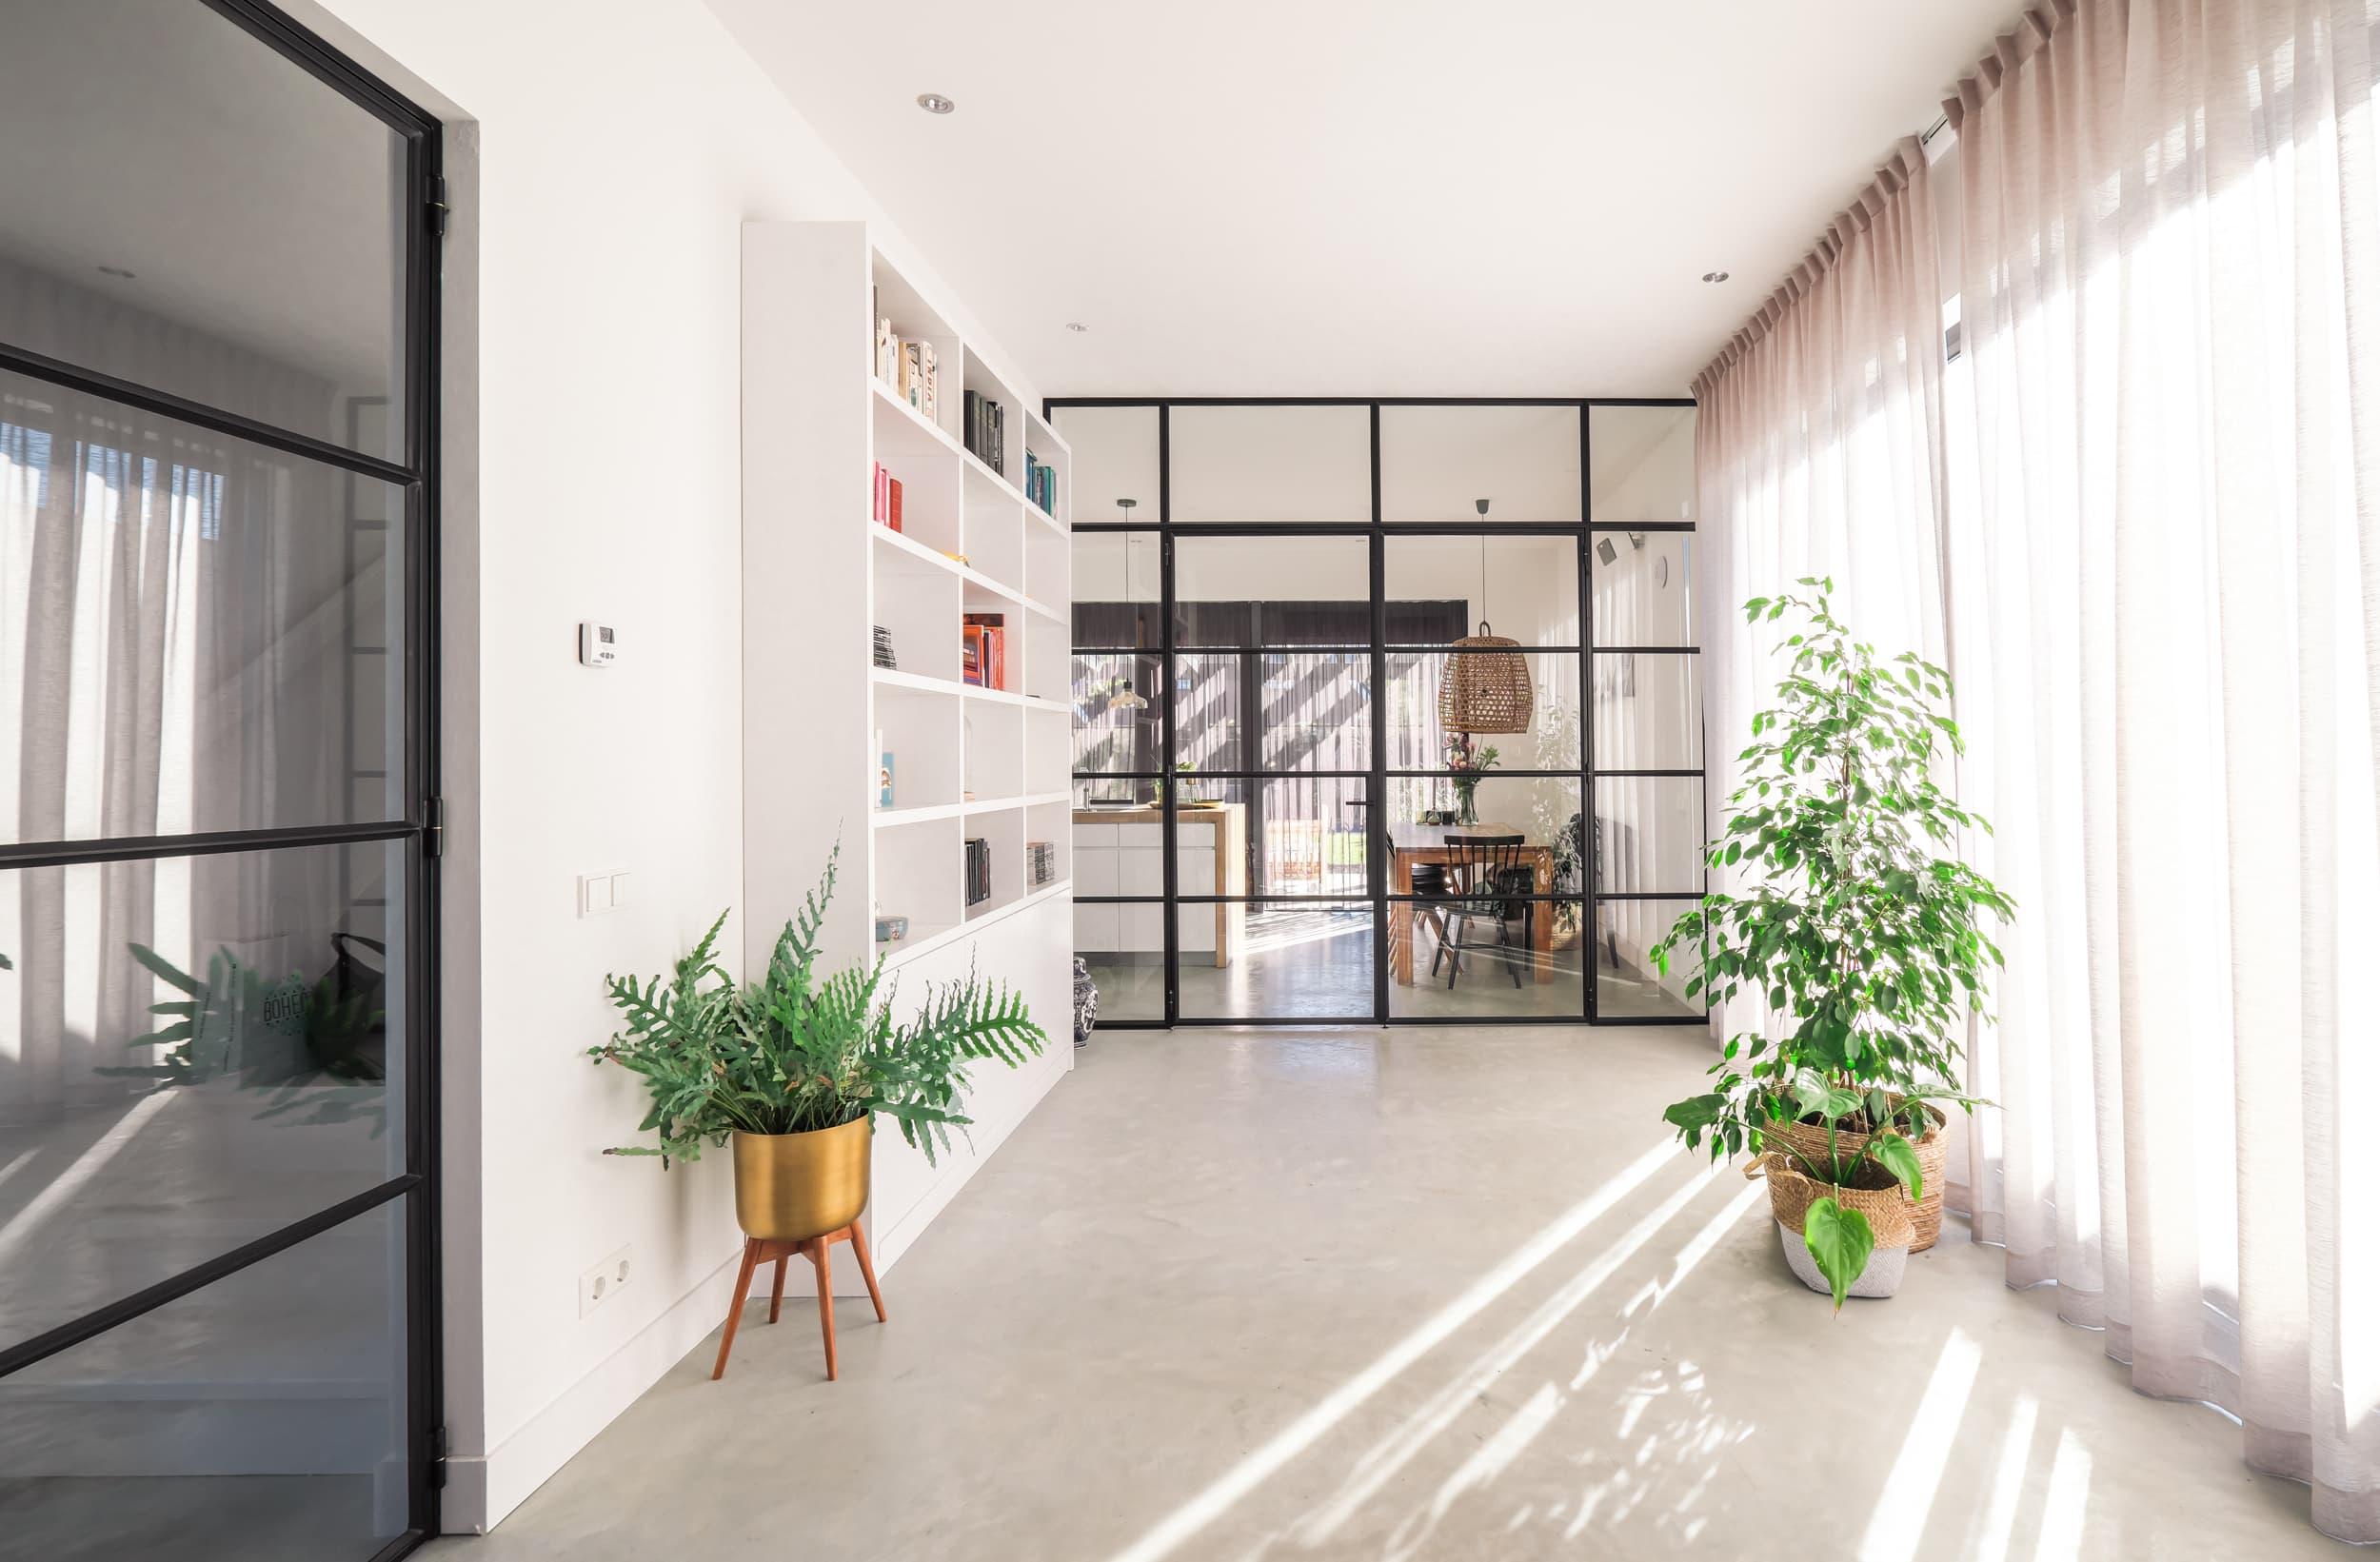 van-os-architecten-nieuwbouw-woning-Hoge-Gouw-Teteringen-woonkamer-met-zicht-op-woonkeuken